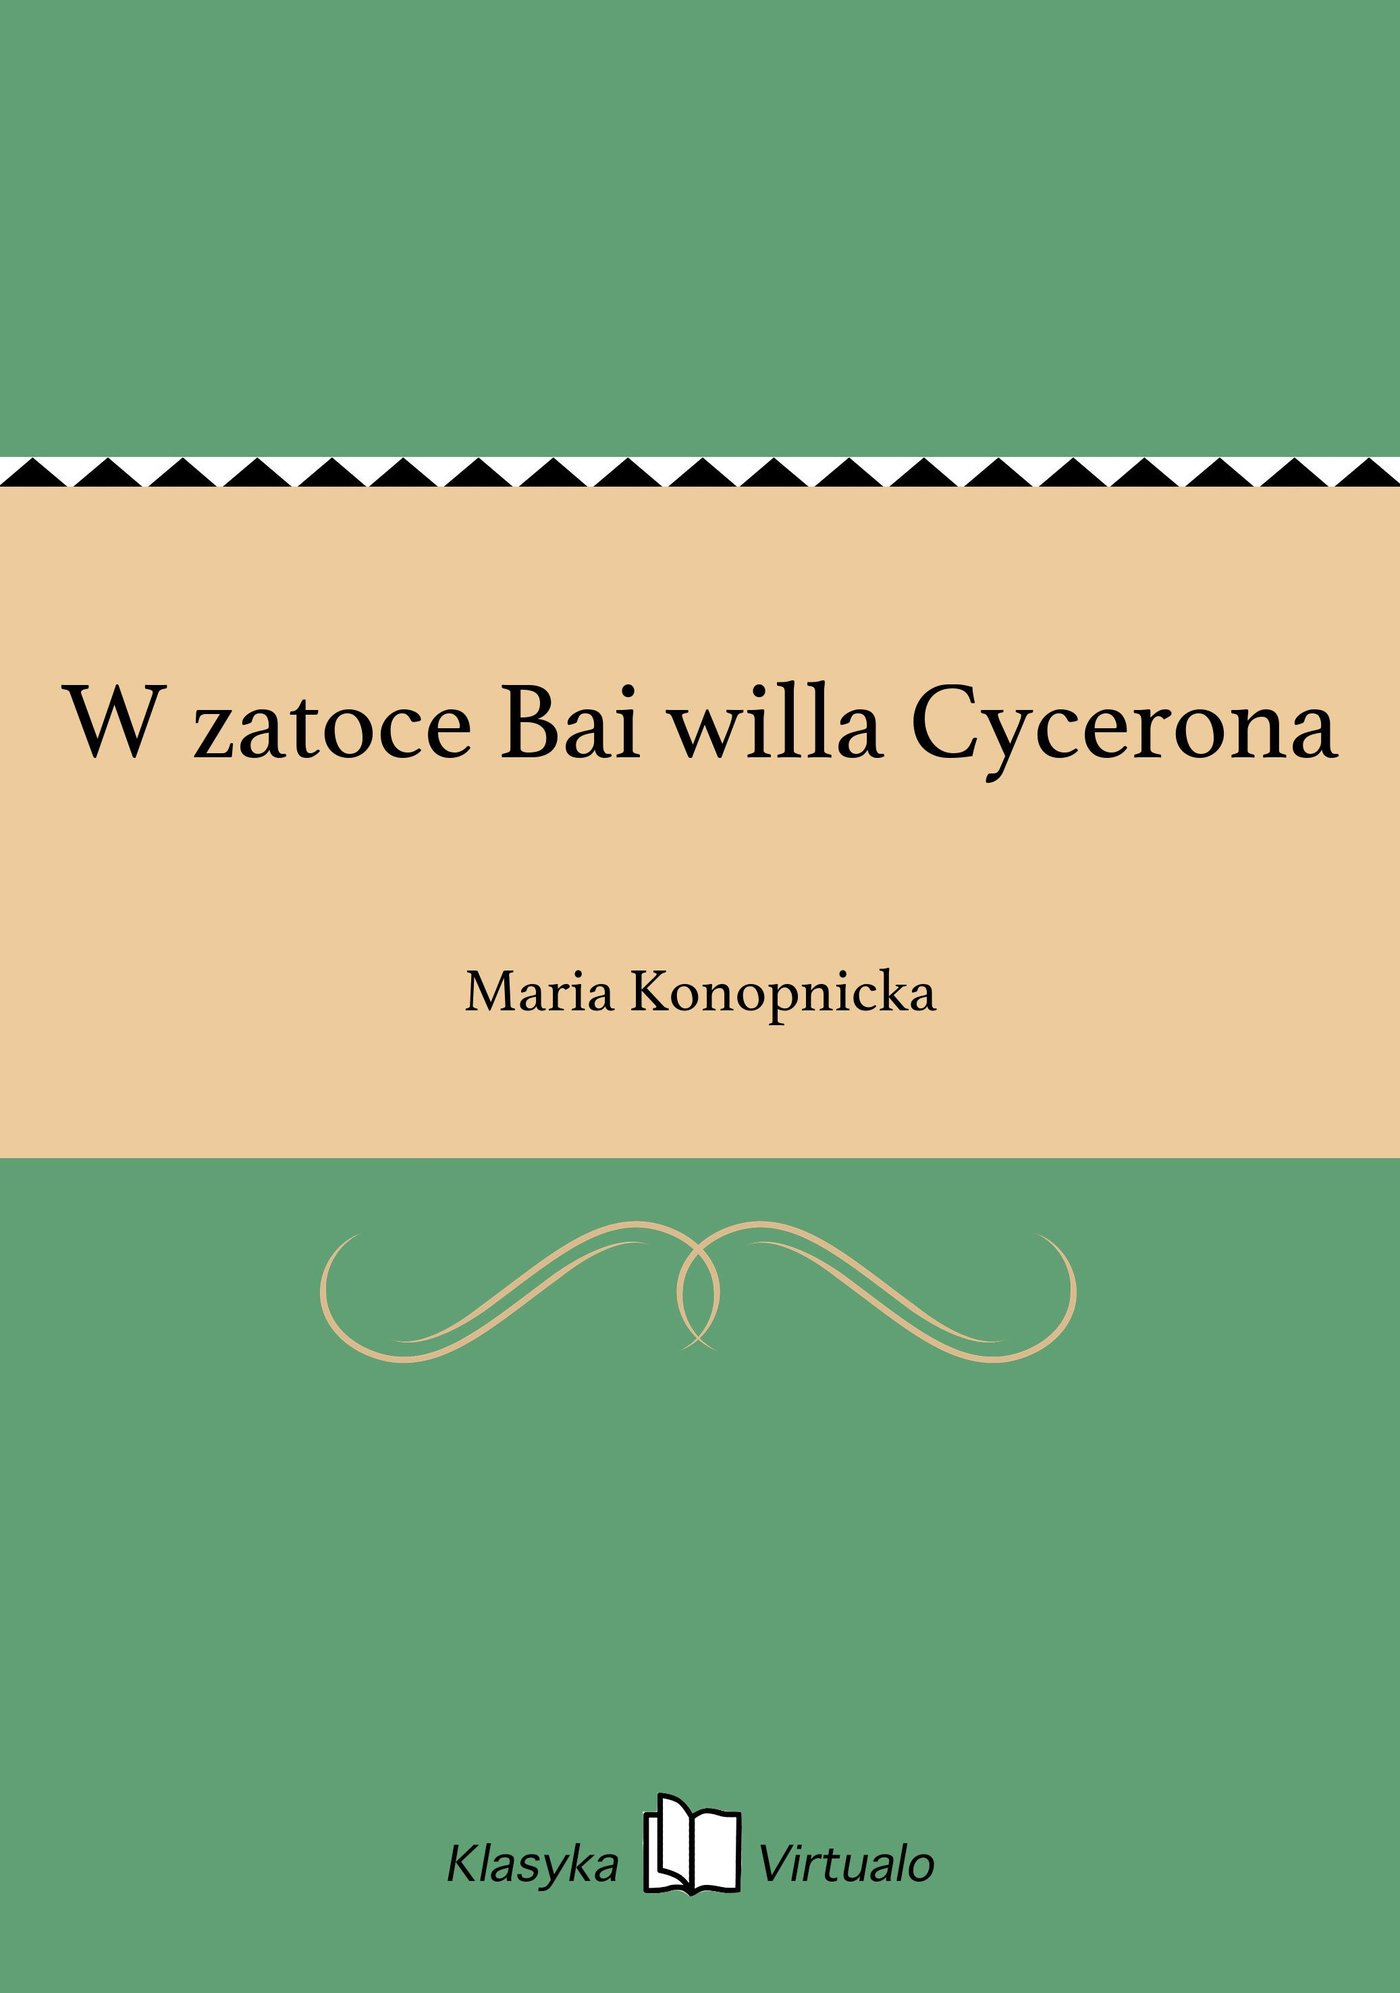 W zatoce Bai willa Cycerona - Ebook (Książka EPUB) do pobrania w formacie EPUB